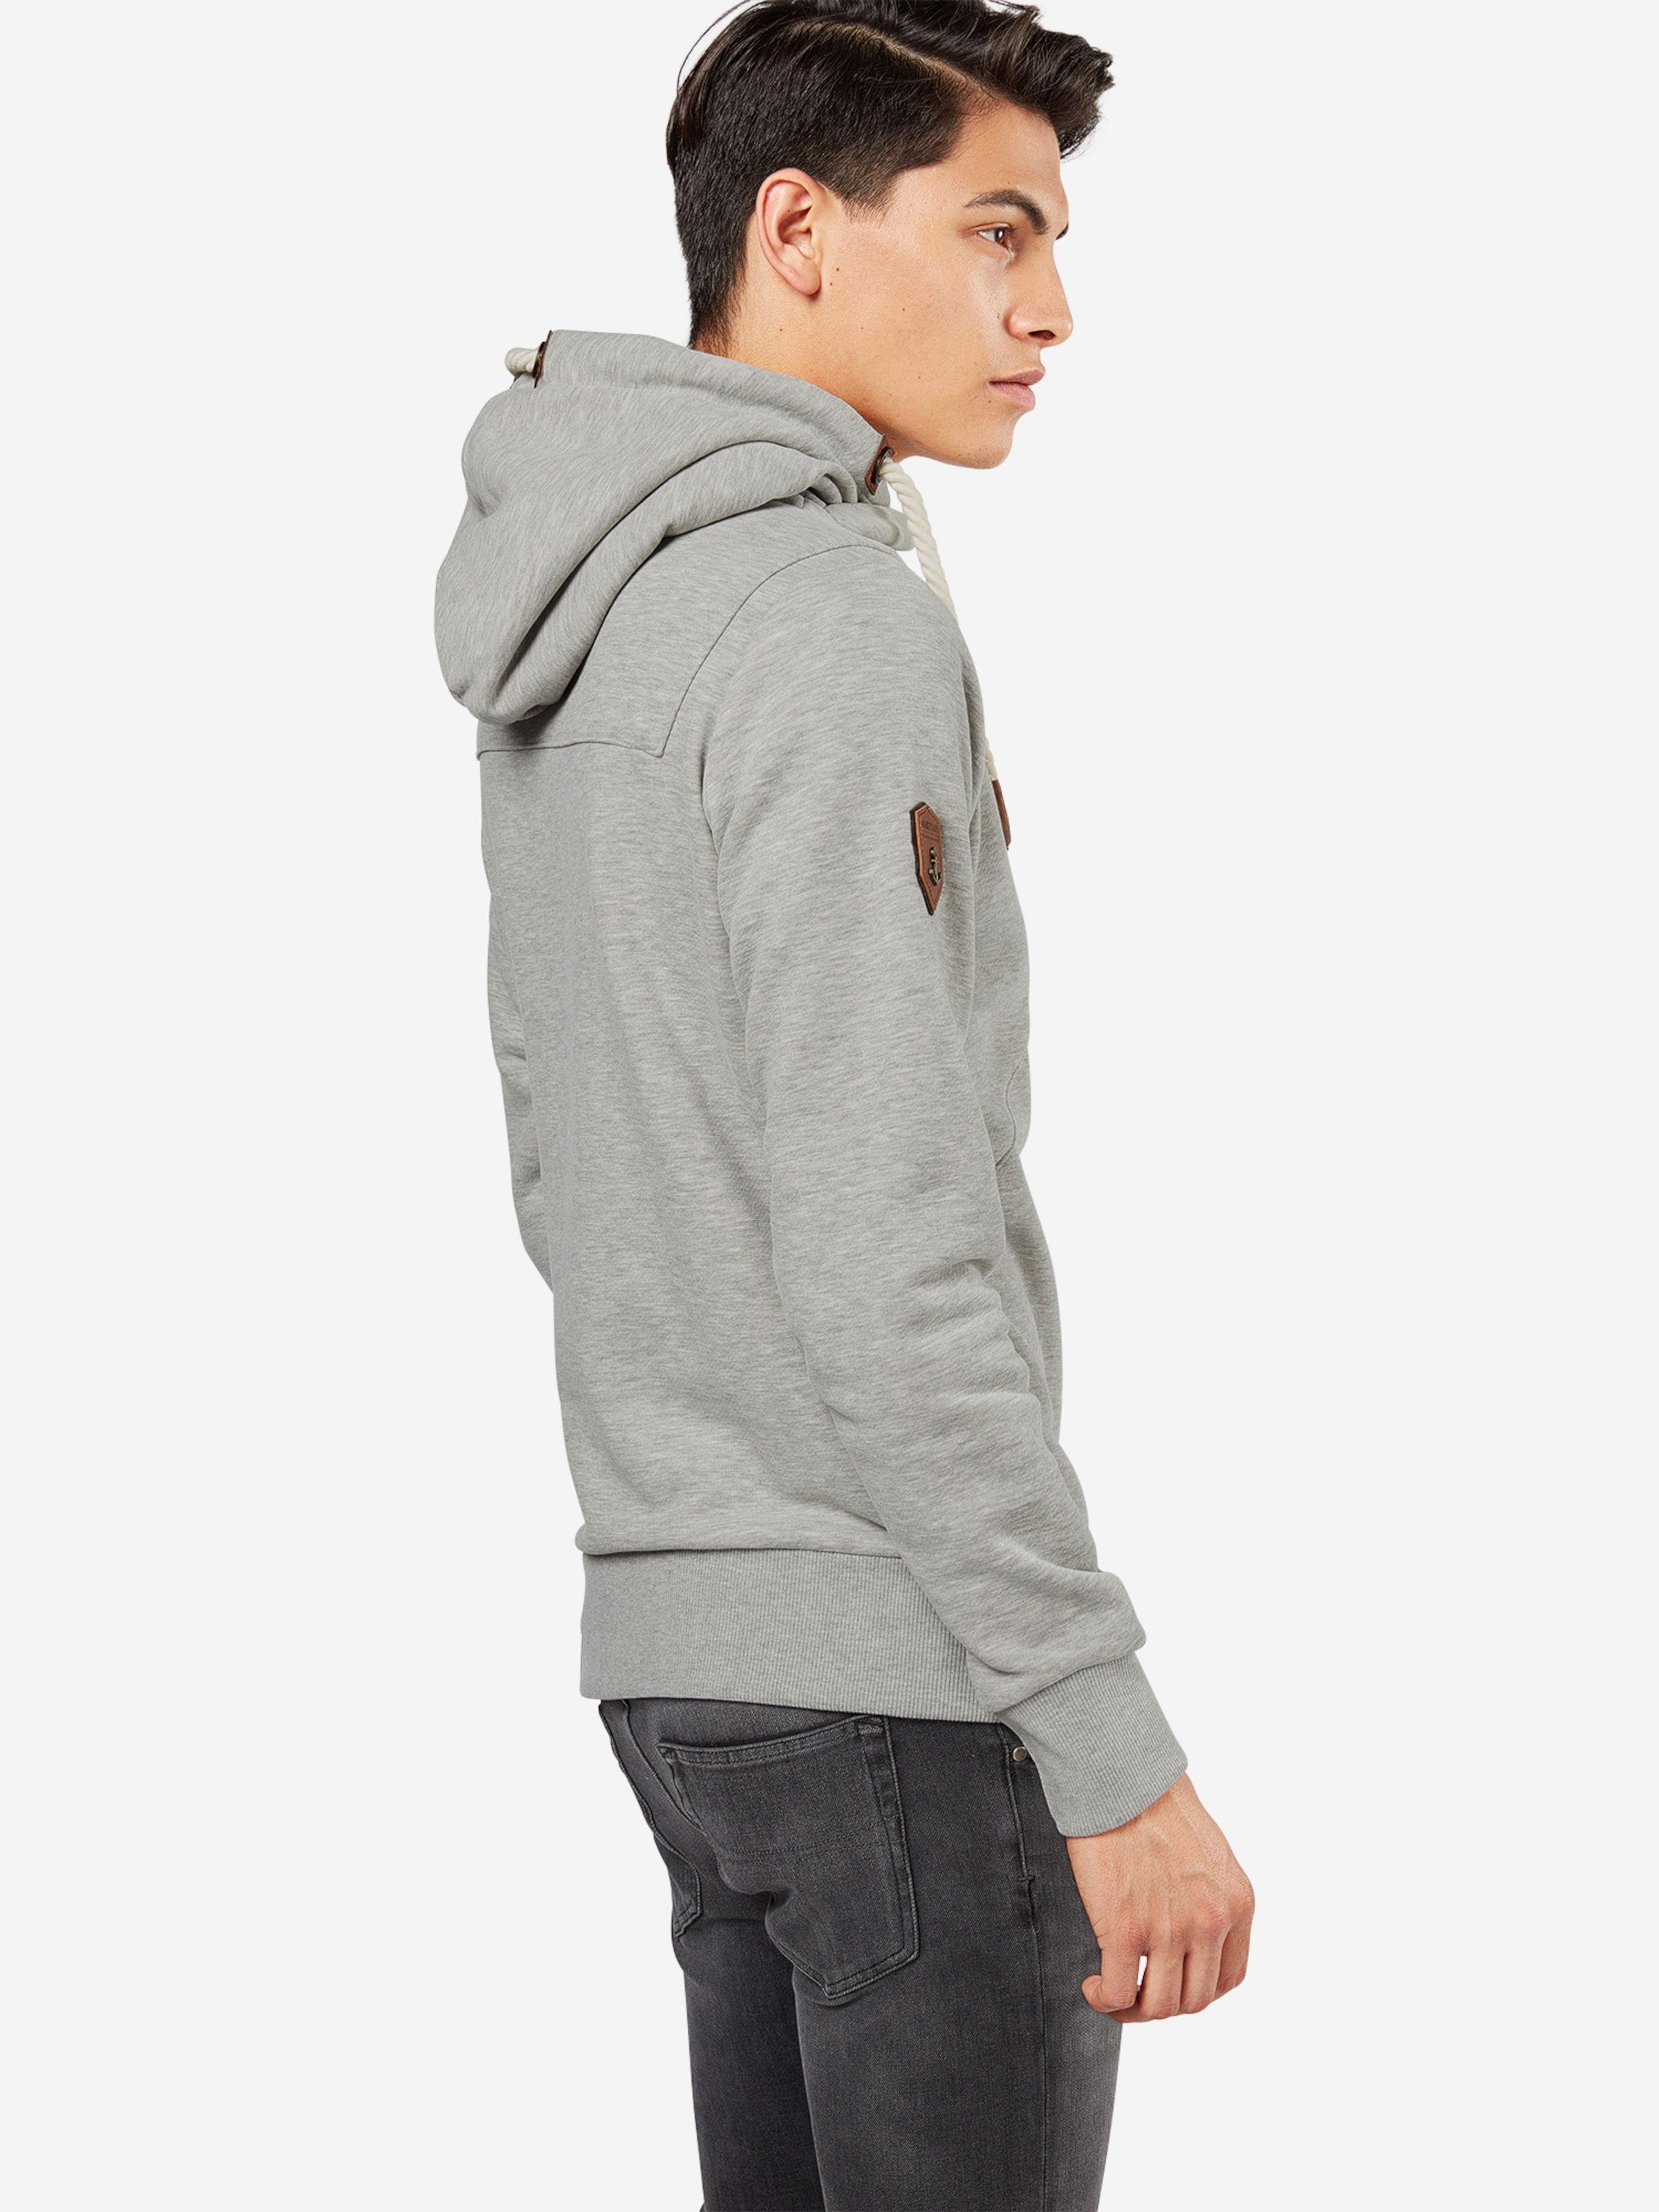 Schnelle Lieferung naketano Sweatshirt 'Lennox X' Freies Verschiffen Größte Lieferant Günstiger Preis Zu Verkaufen Günstig Kaufen Shop Mit Paypal IjFrftwr